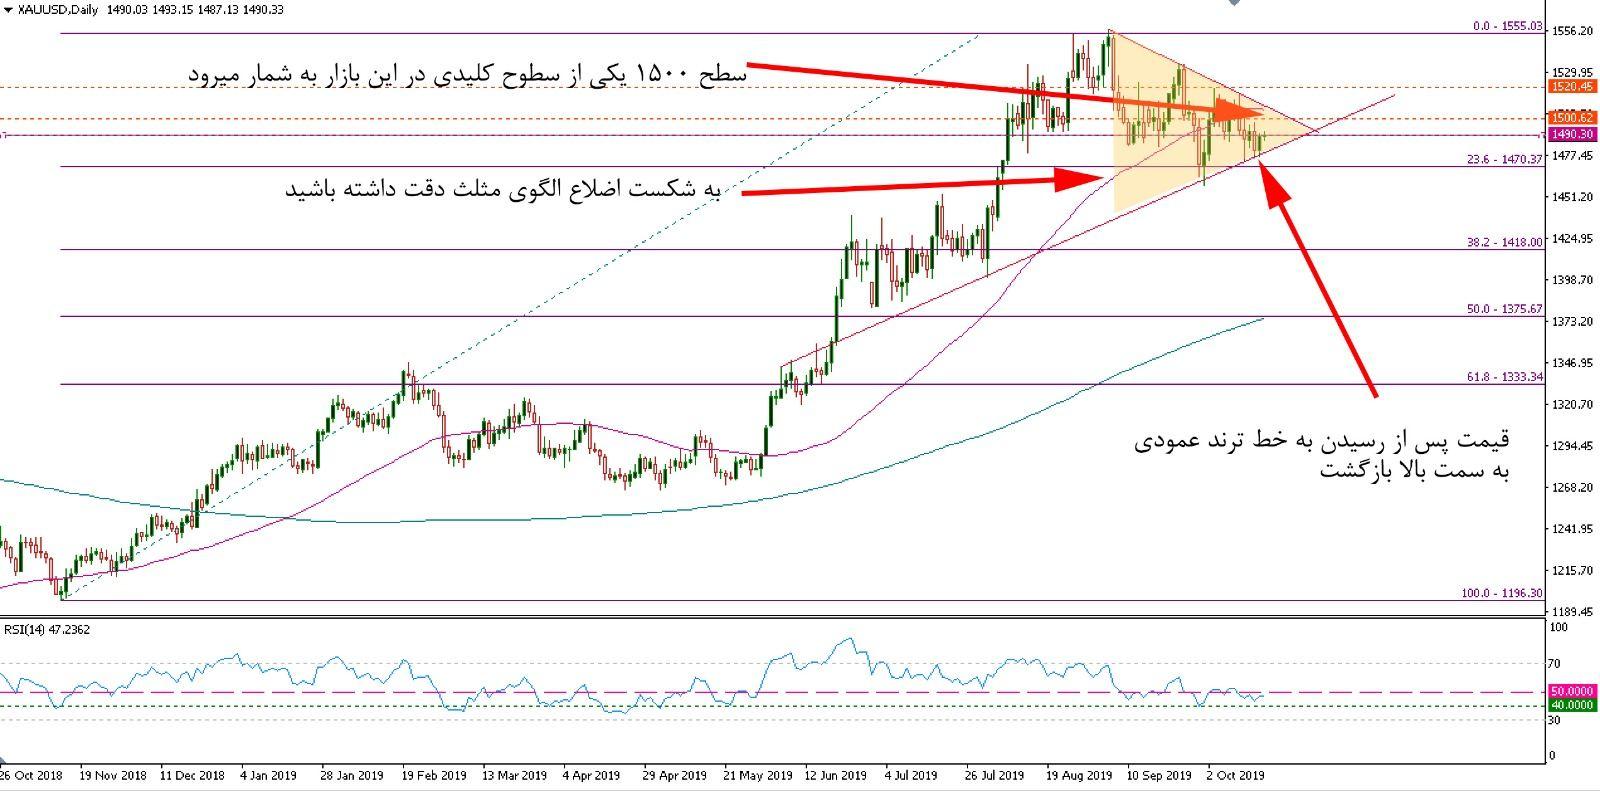 تحلیل تکنیکال بازار طلا مورخ 25 مهر 1398